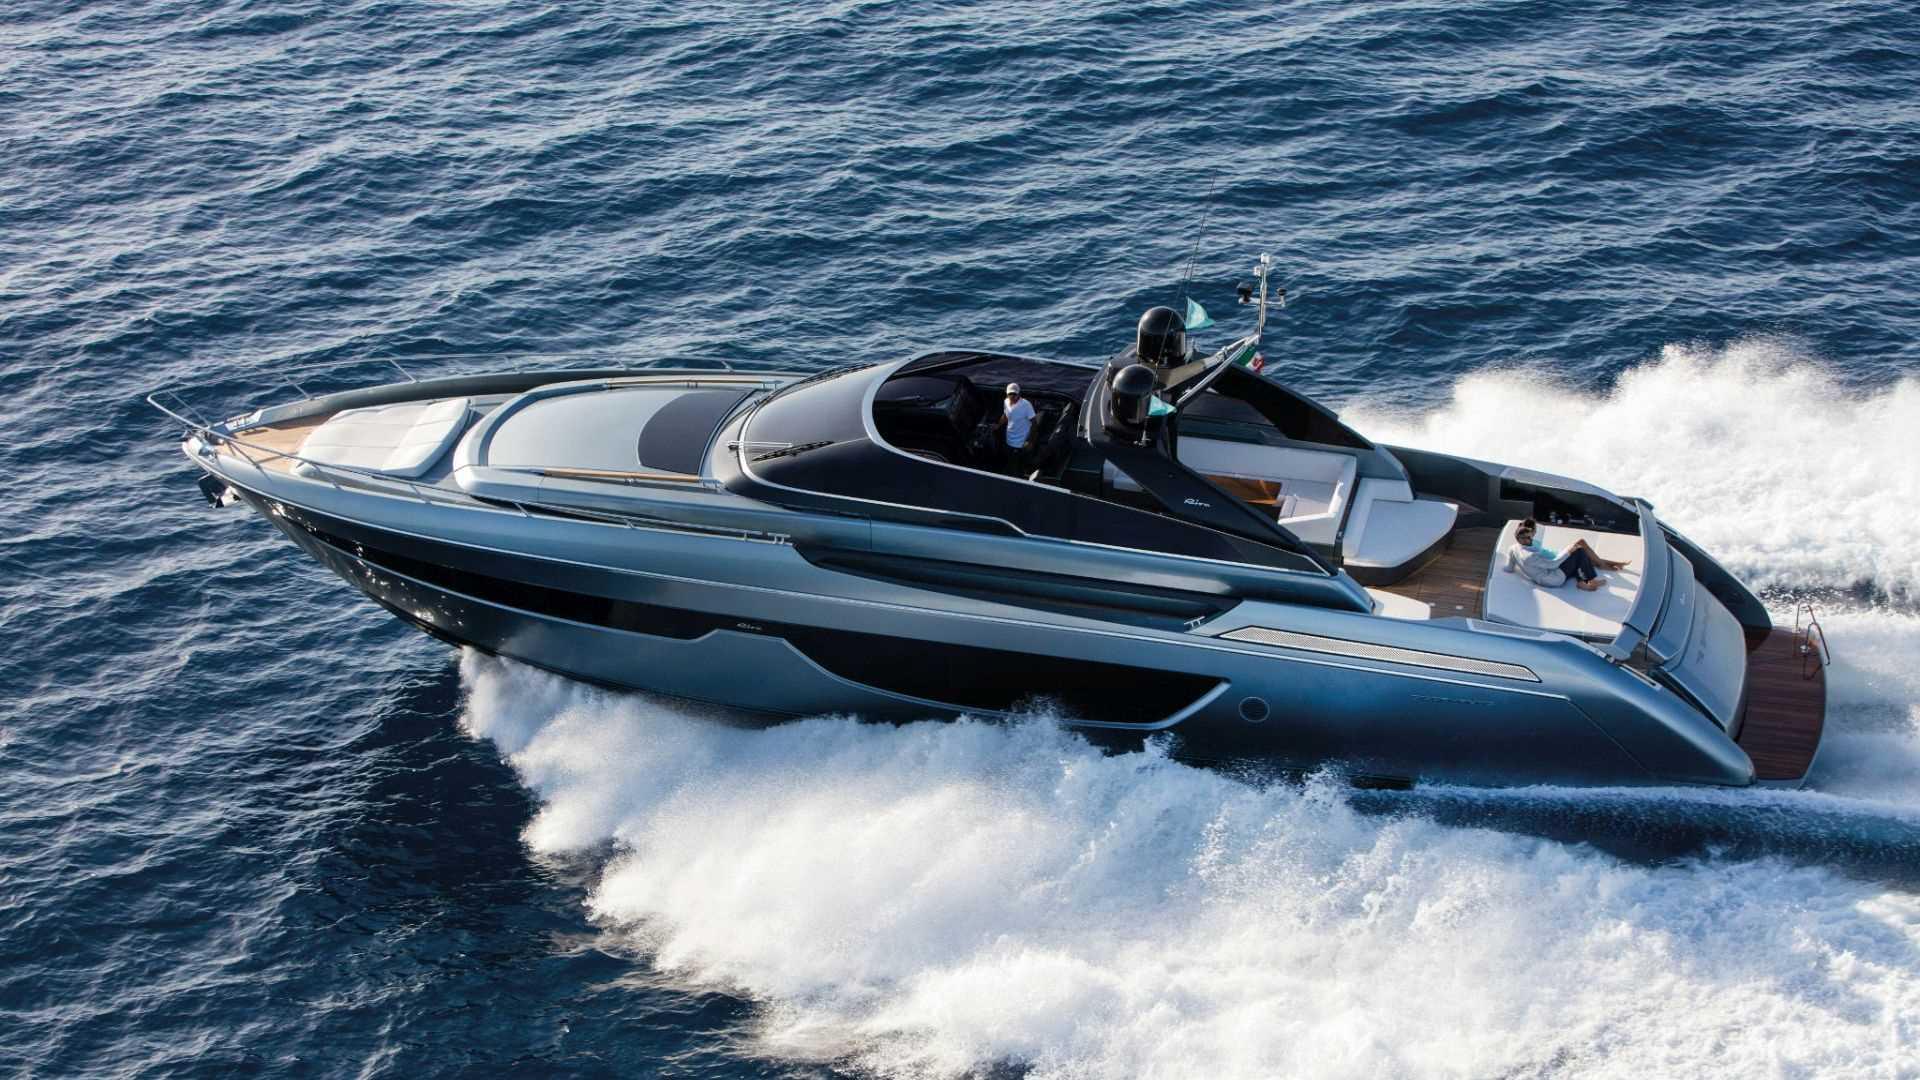 Riva-76-Bahamas-exteriores (4)